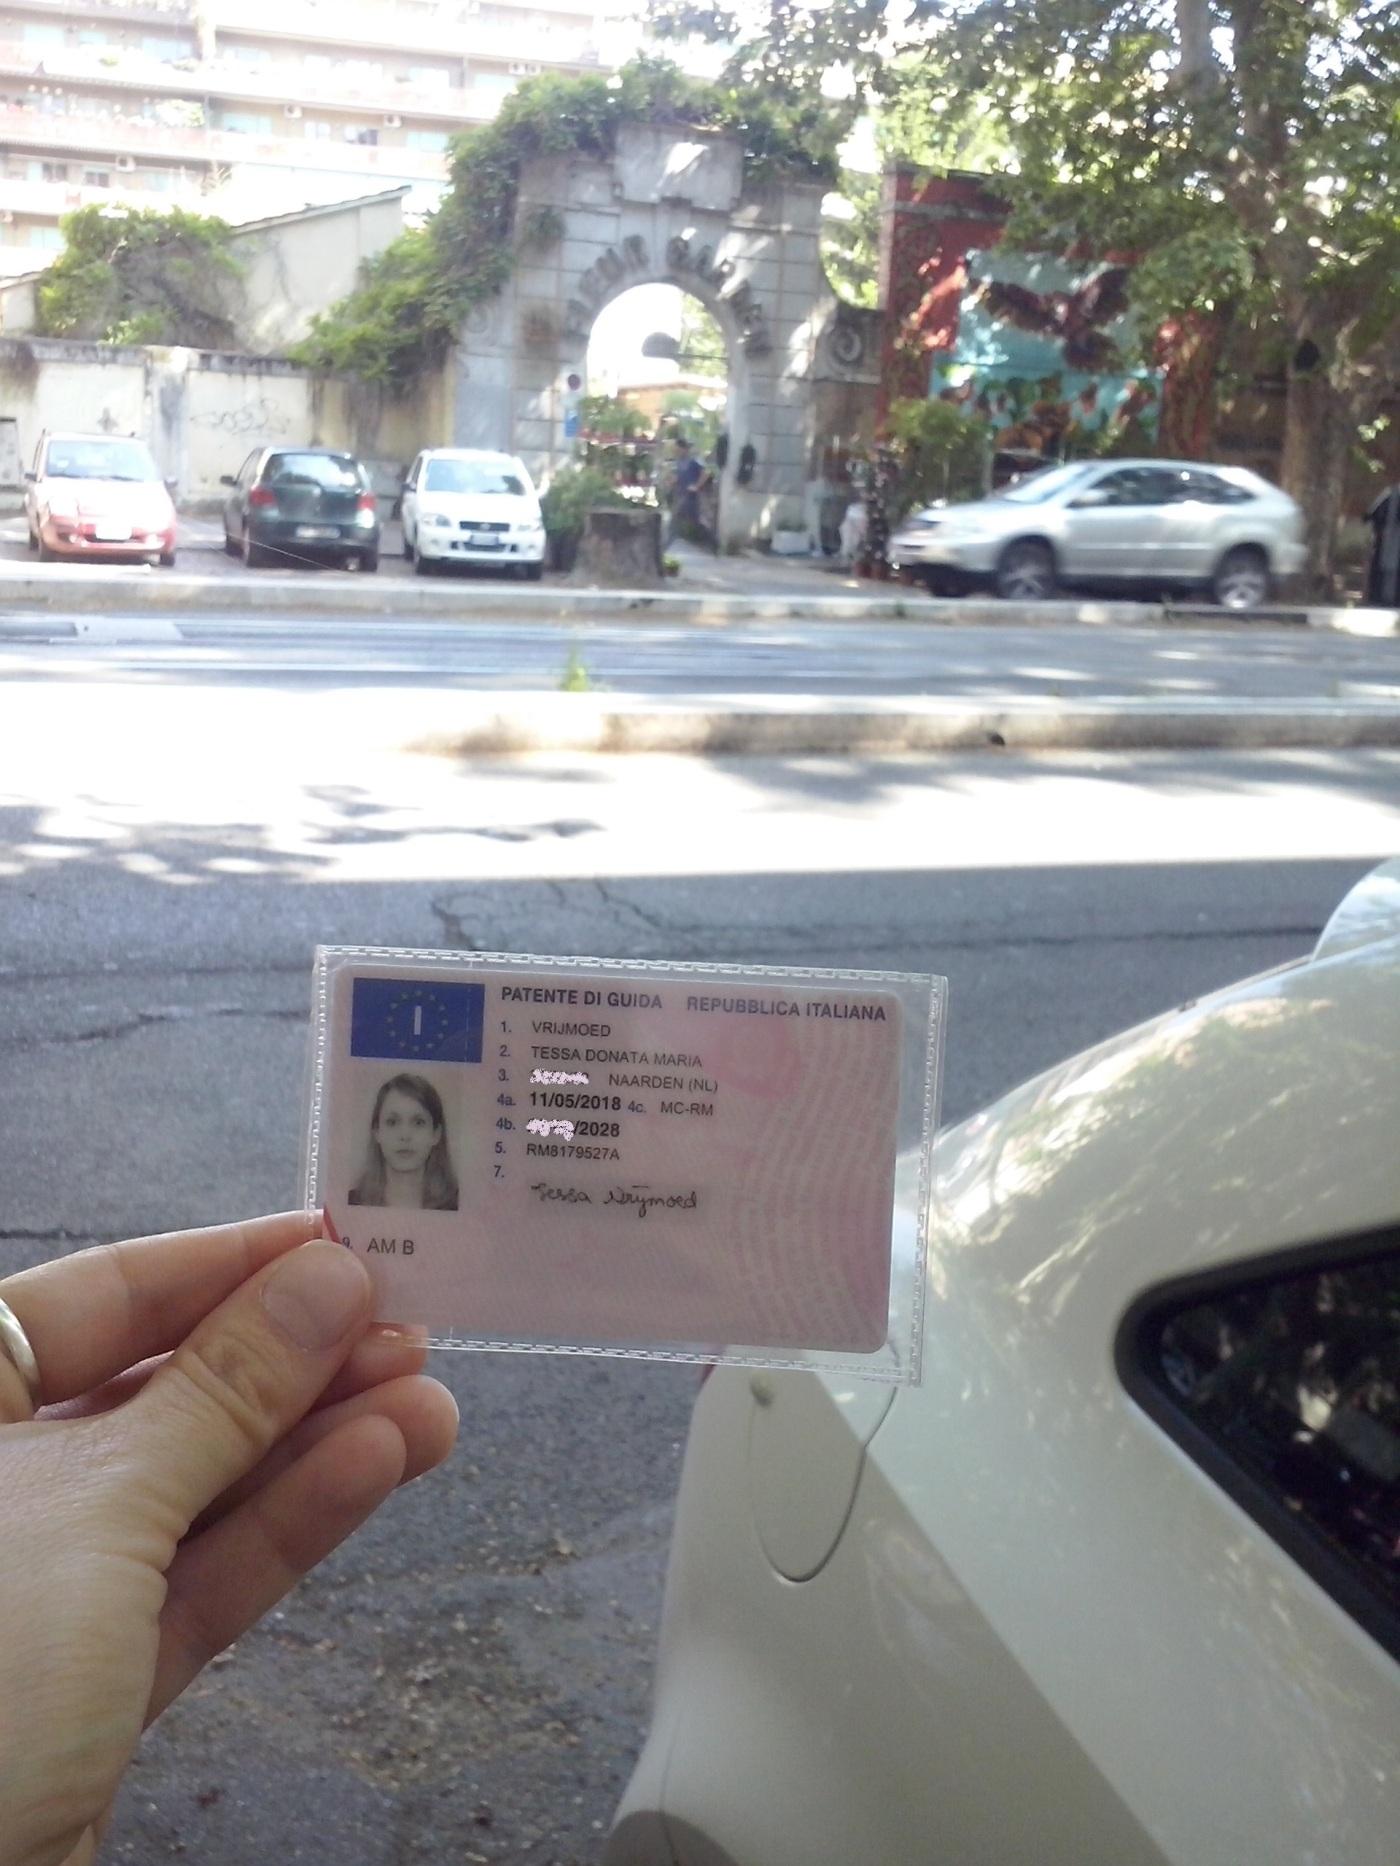 Rijbewijs gehaald!